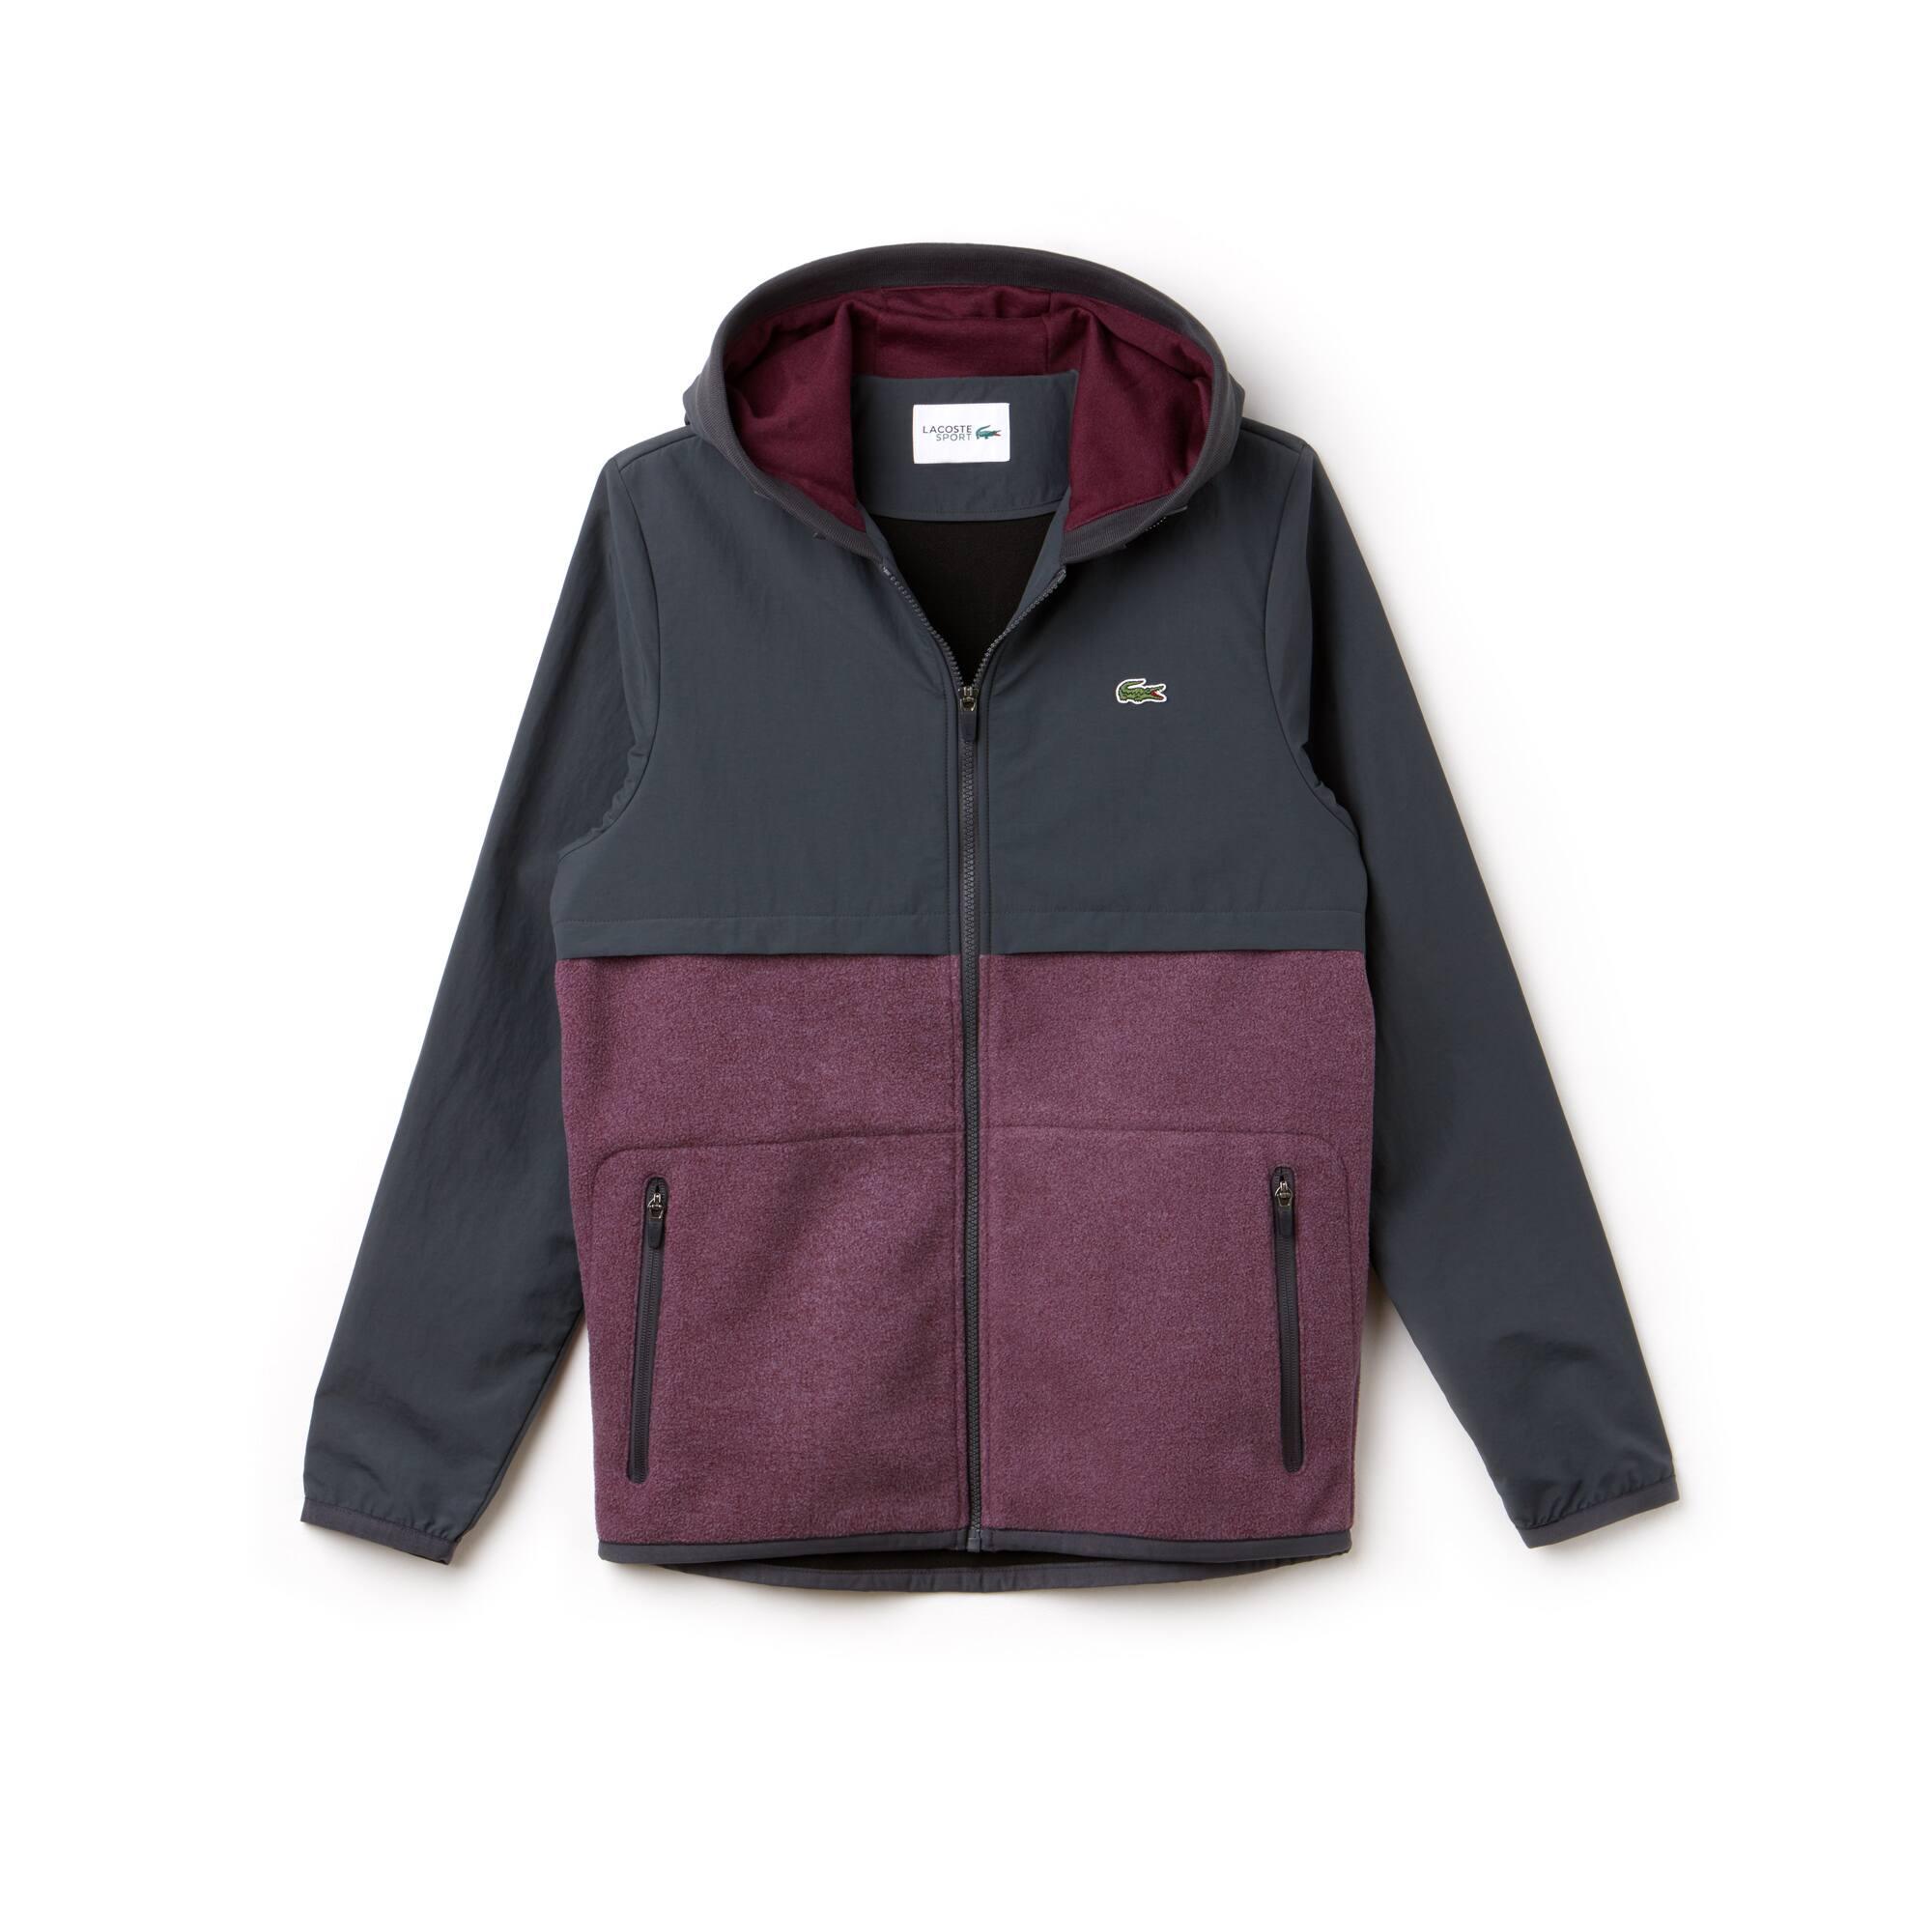 Herren LACOSTE SPORT Colorblock Tennis-Jacke mit Kapuze